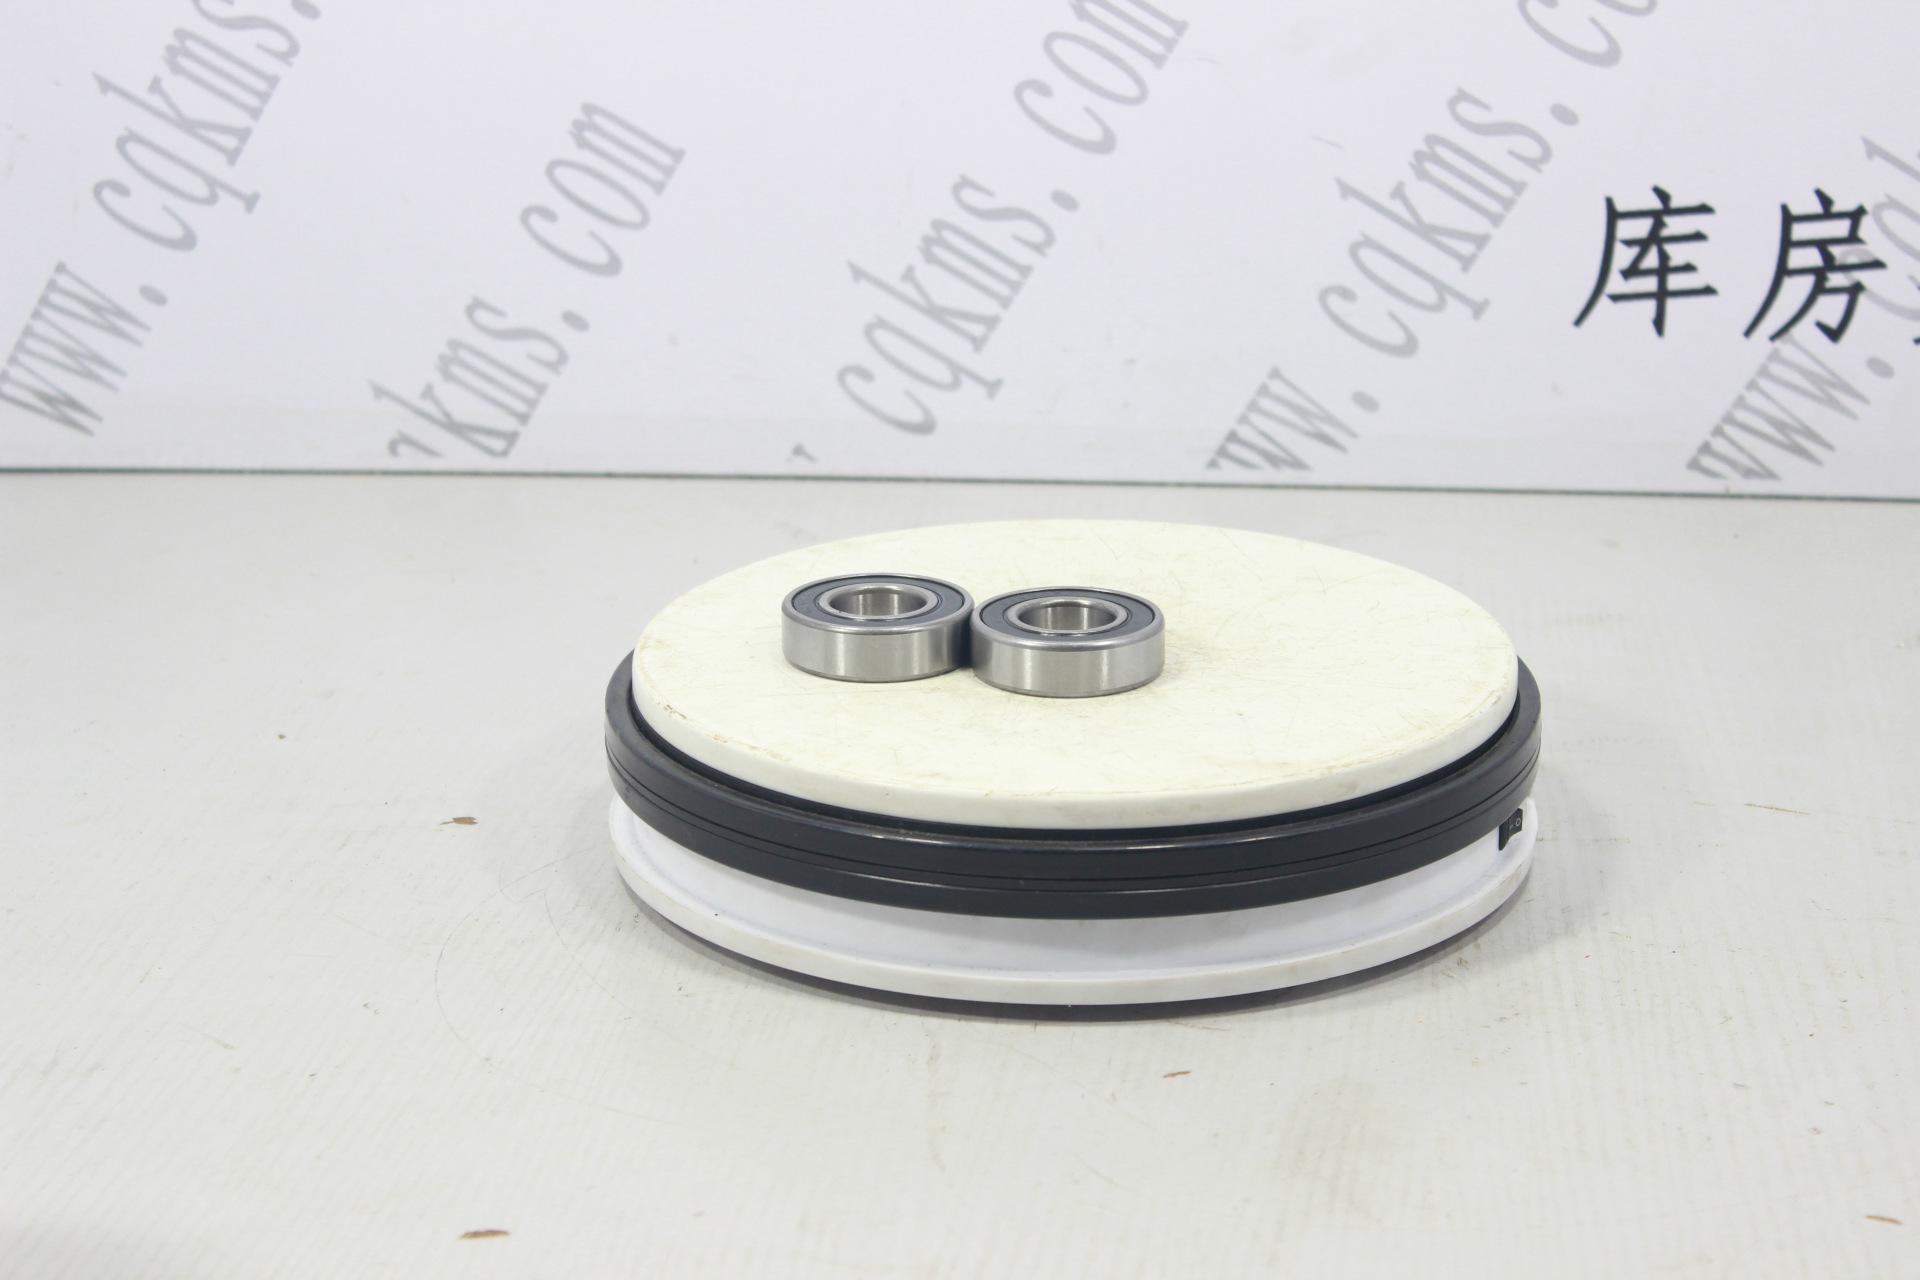 kms05115-S16002-轴承---参考规格高1.5*外径5.2*内径2.5CM-参考重量0.15Kg净重-0.15Kg净重图片3